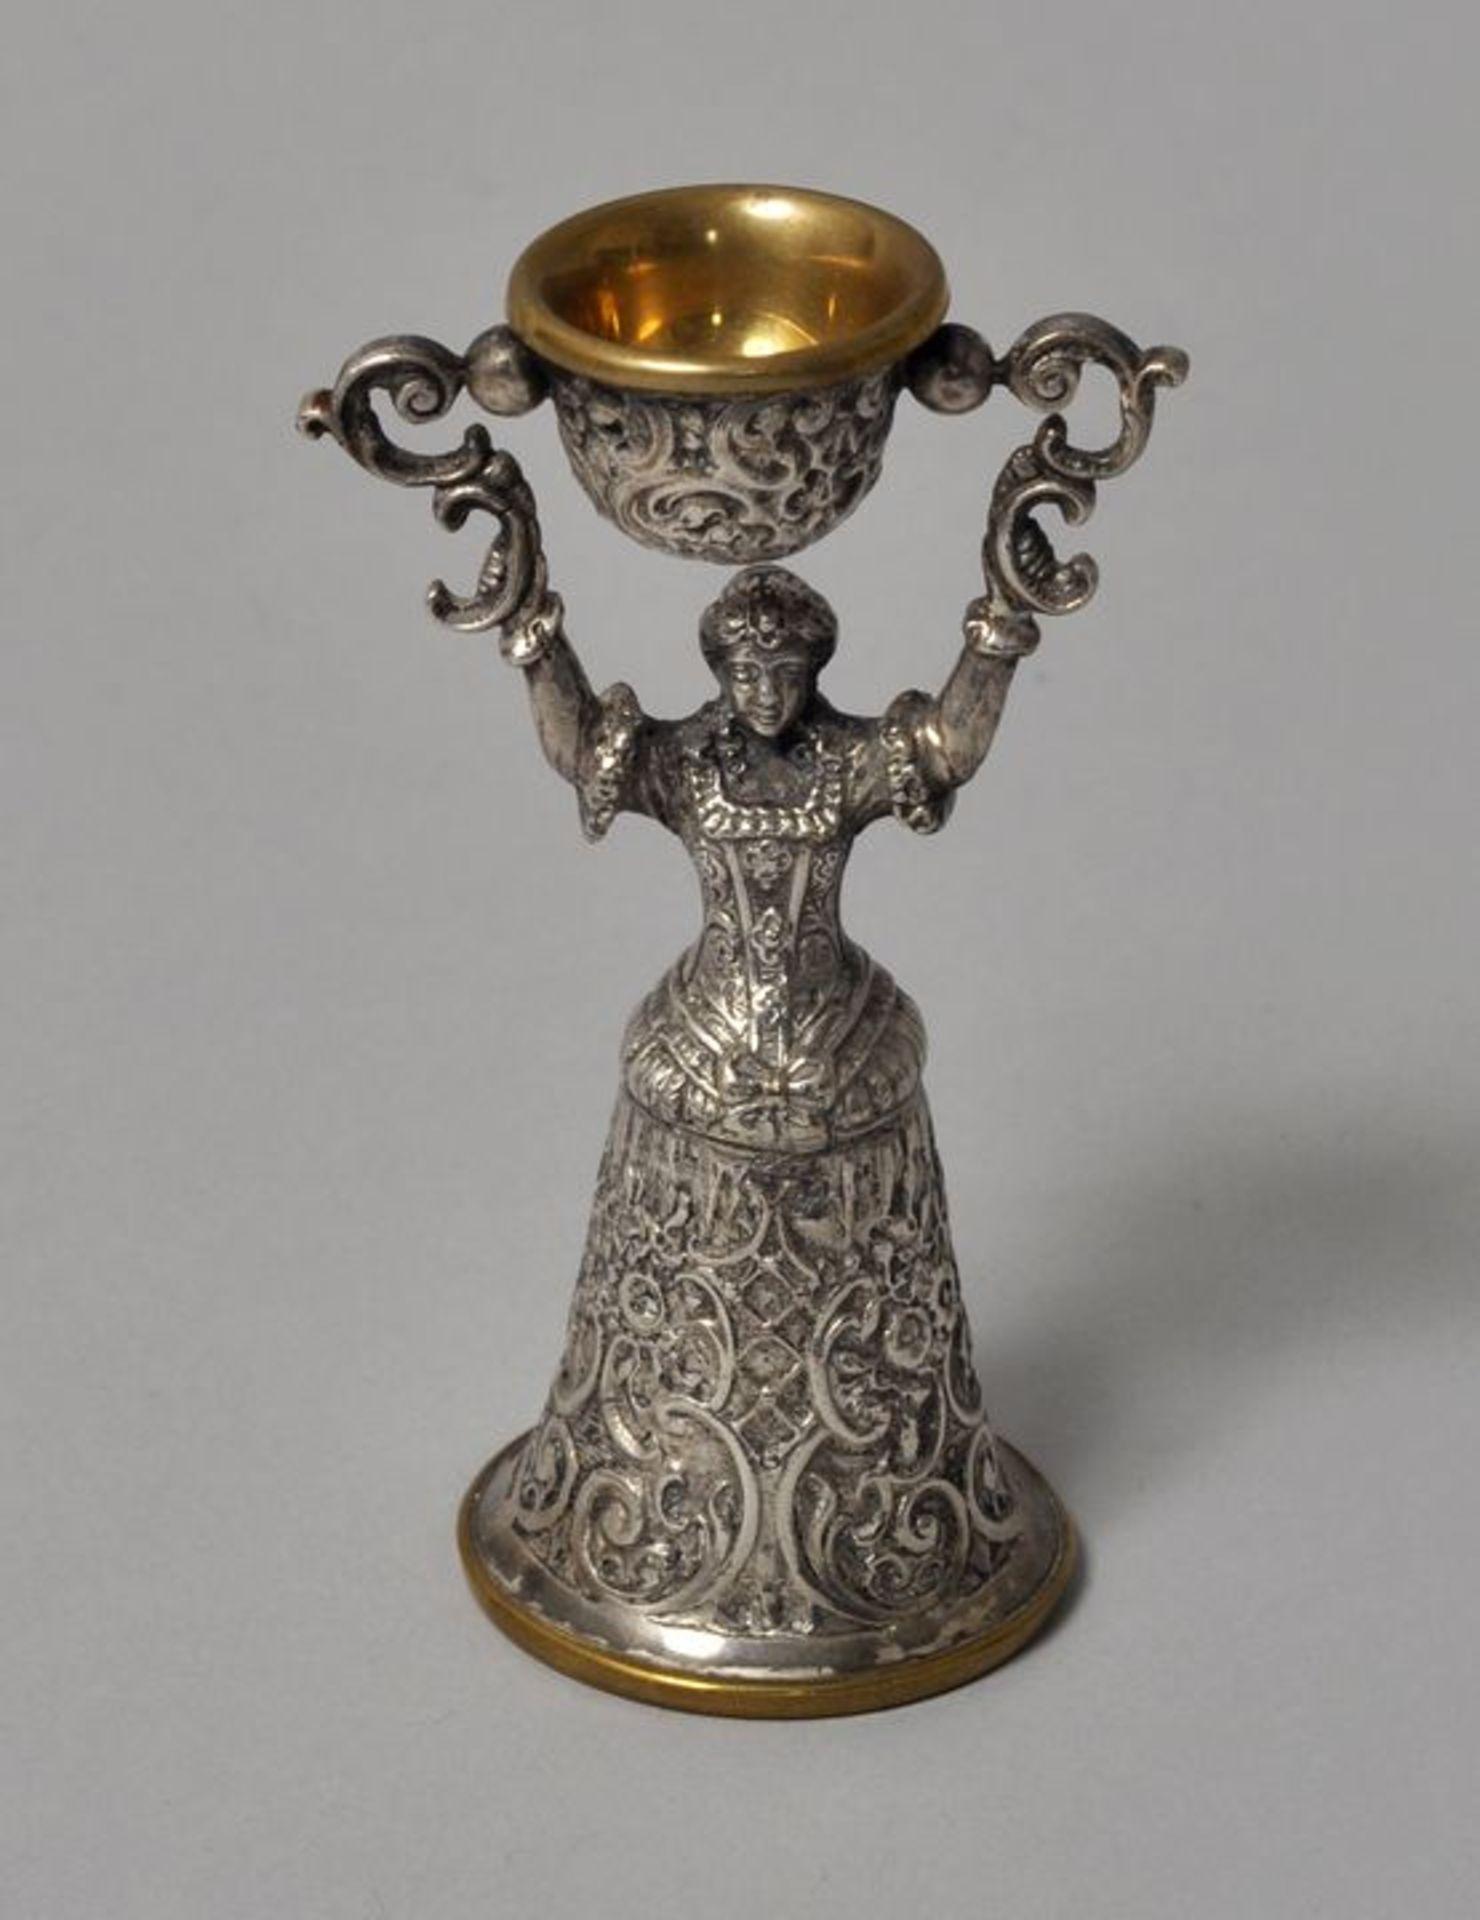 Los 54 - Kleiner Jungfrauenbecher (Miniatur), Historismus, 2. H. 19. Jh.Messing, versilbert. Figürliches...